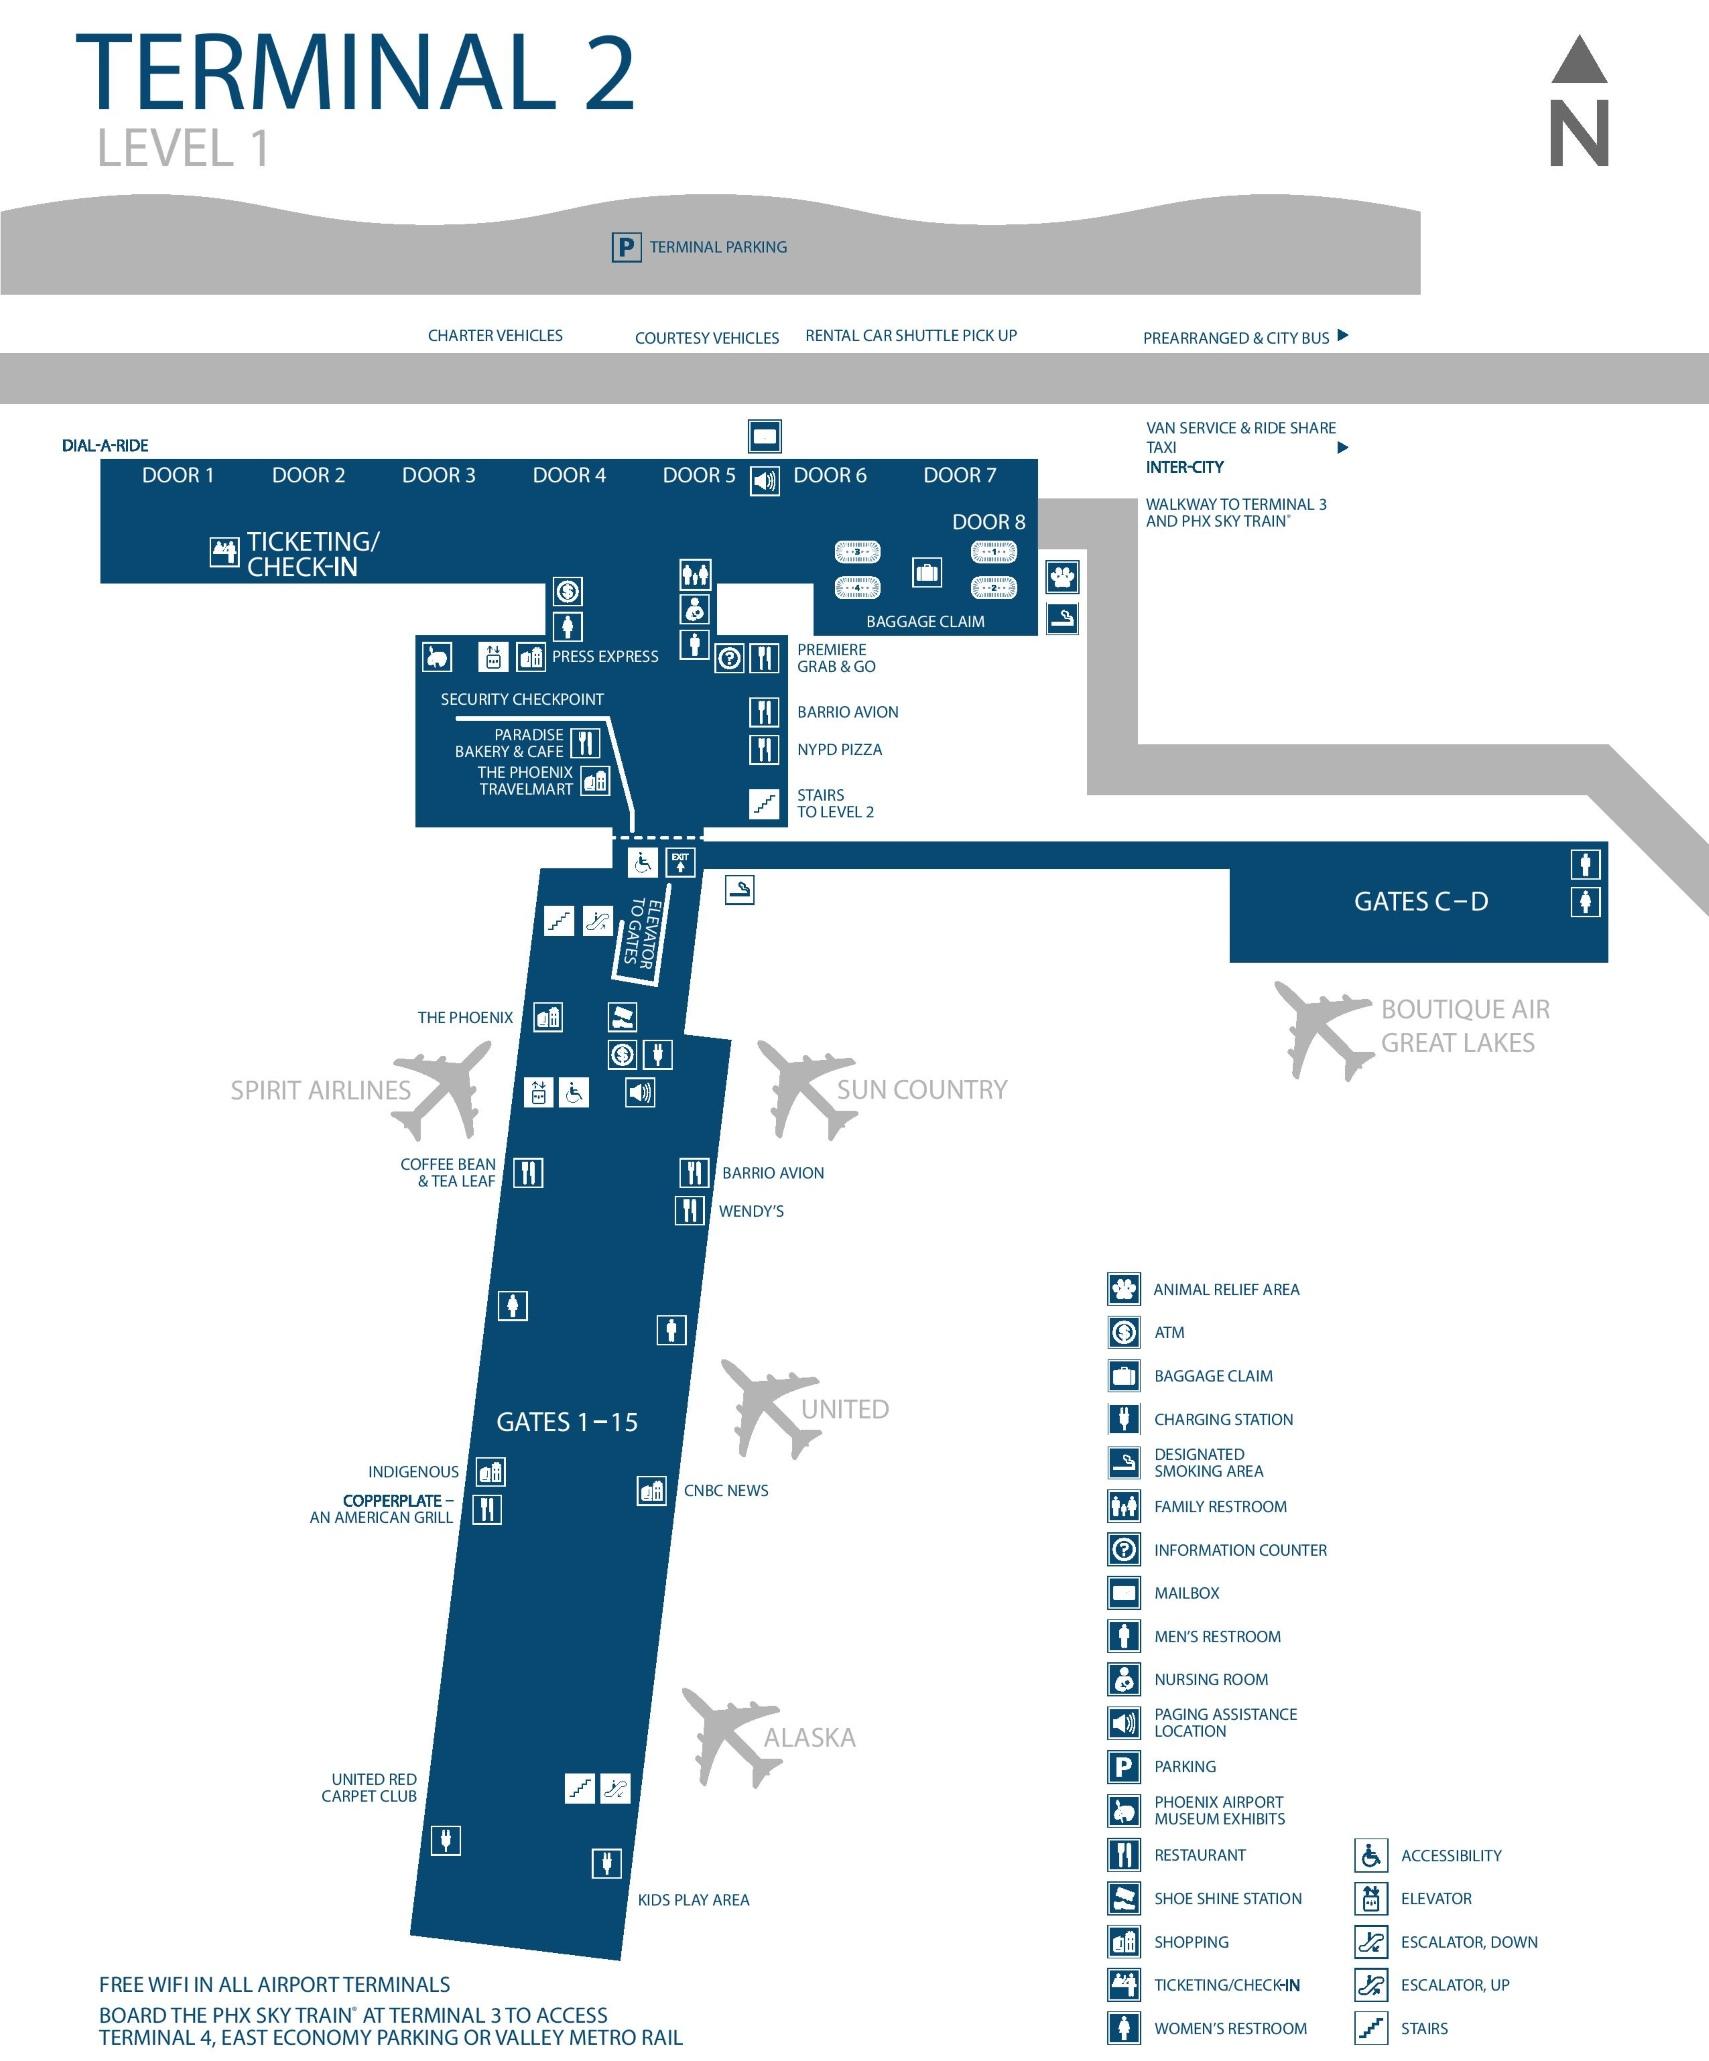 Phx Airport Terminal Map Phoenix airport terminal 2 map